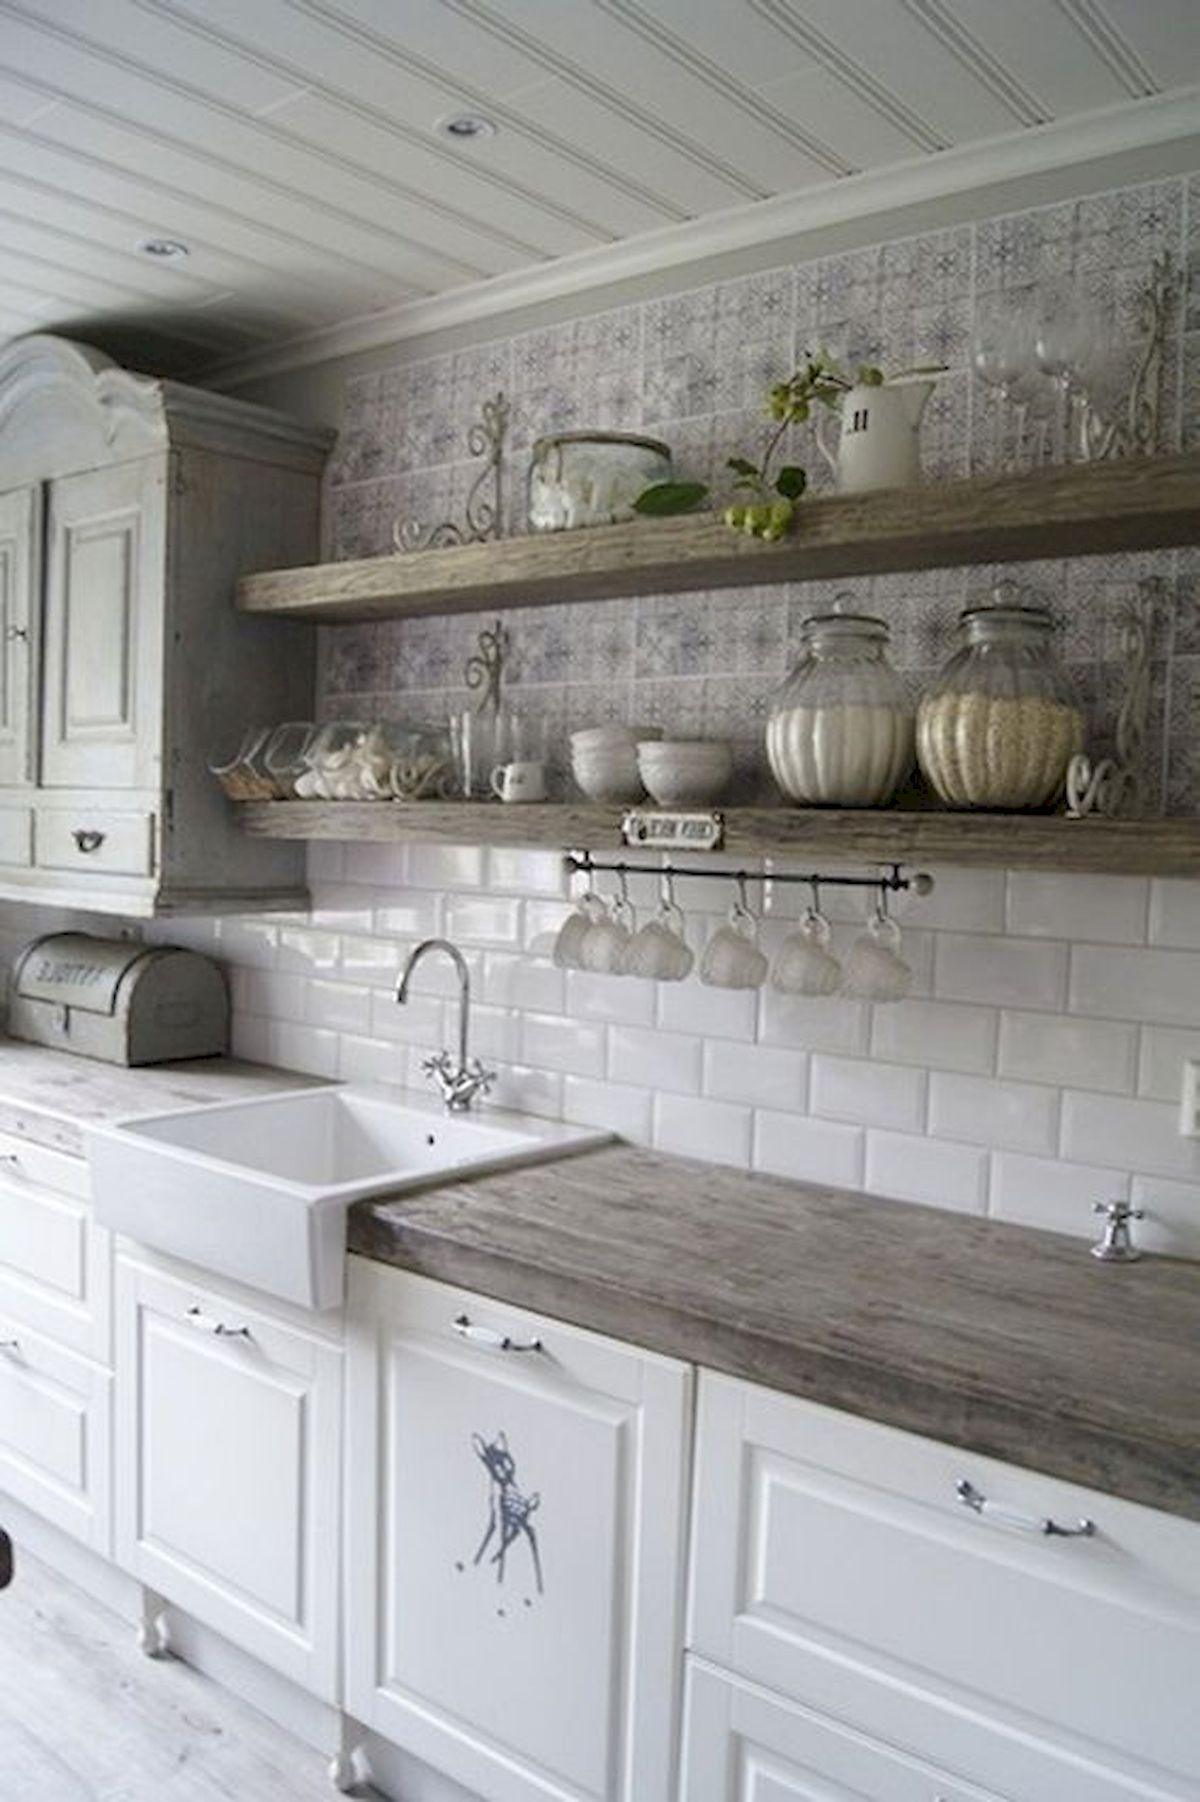 46 Creative DIY Small Kitchen Storage Ideas (6)